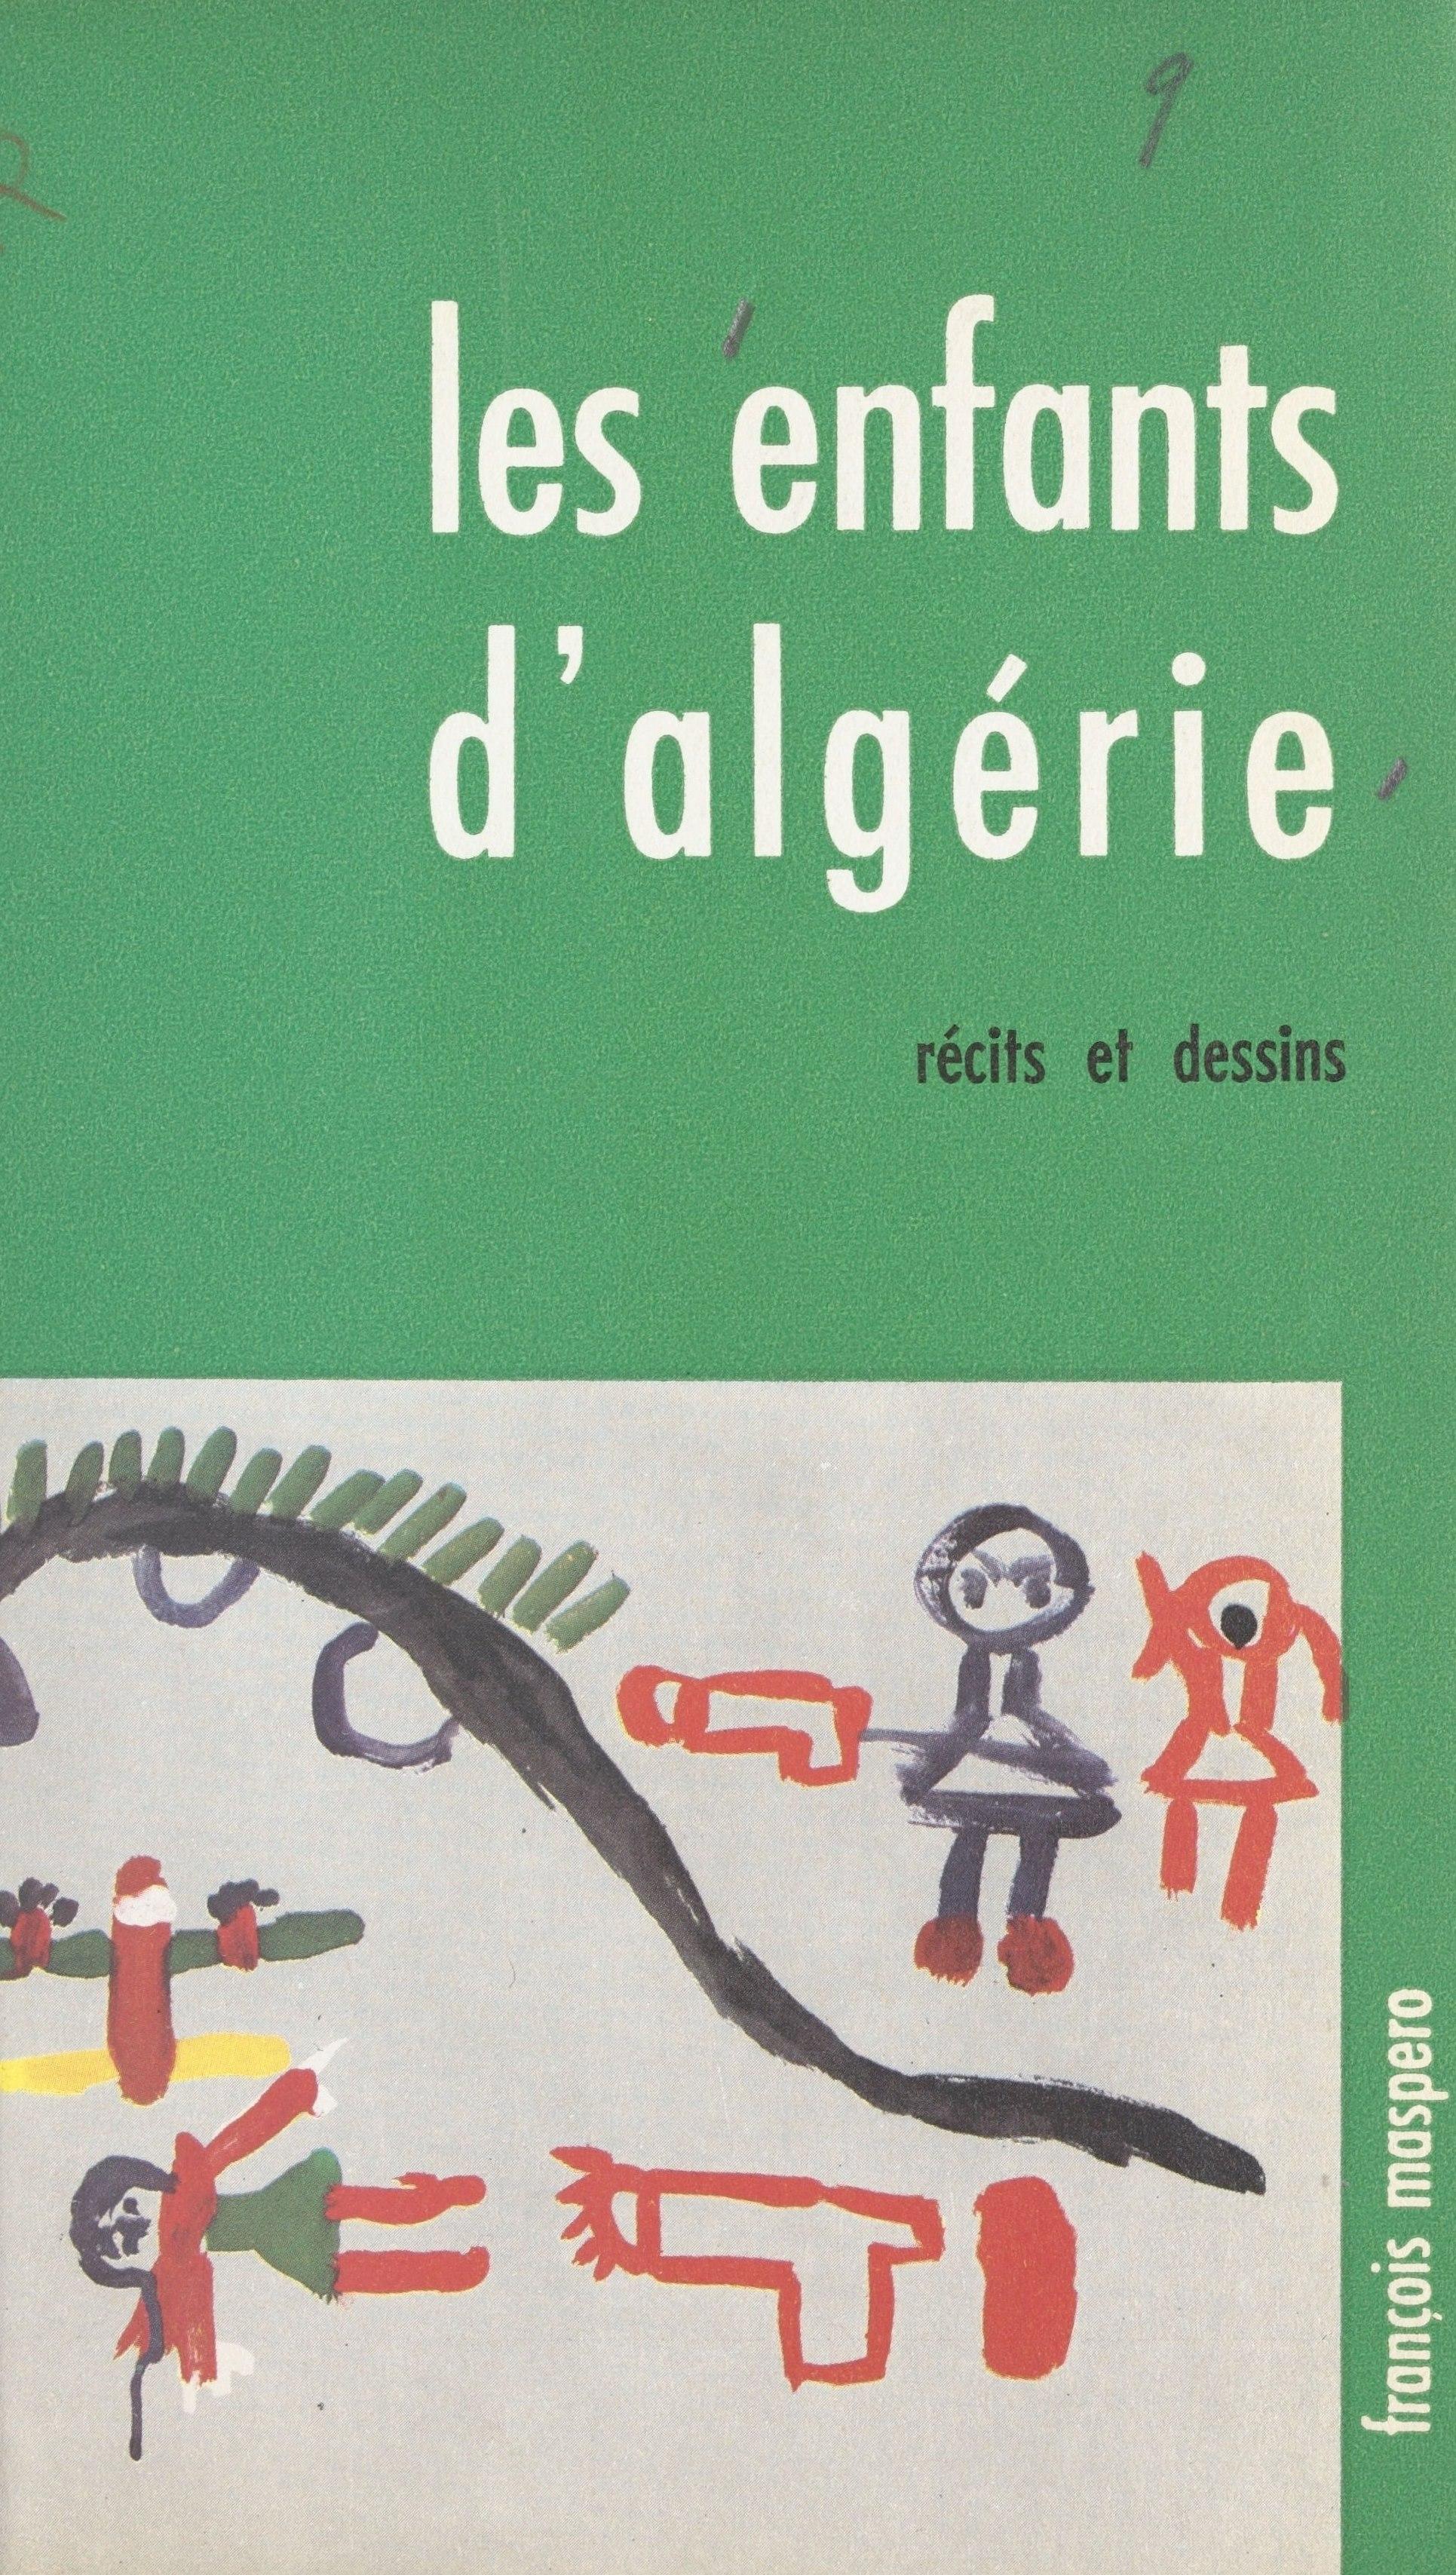 Les enfants d'Algérie